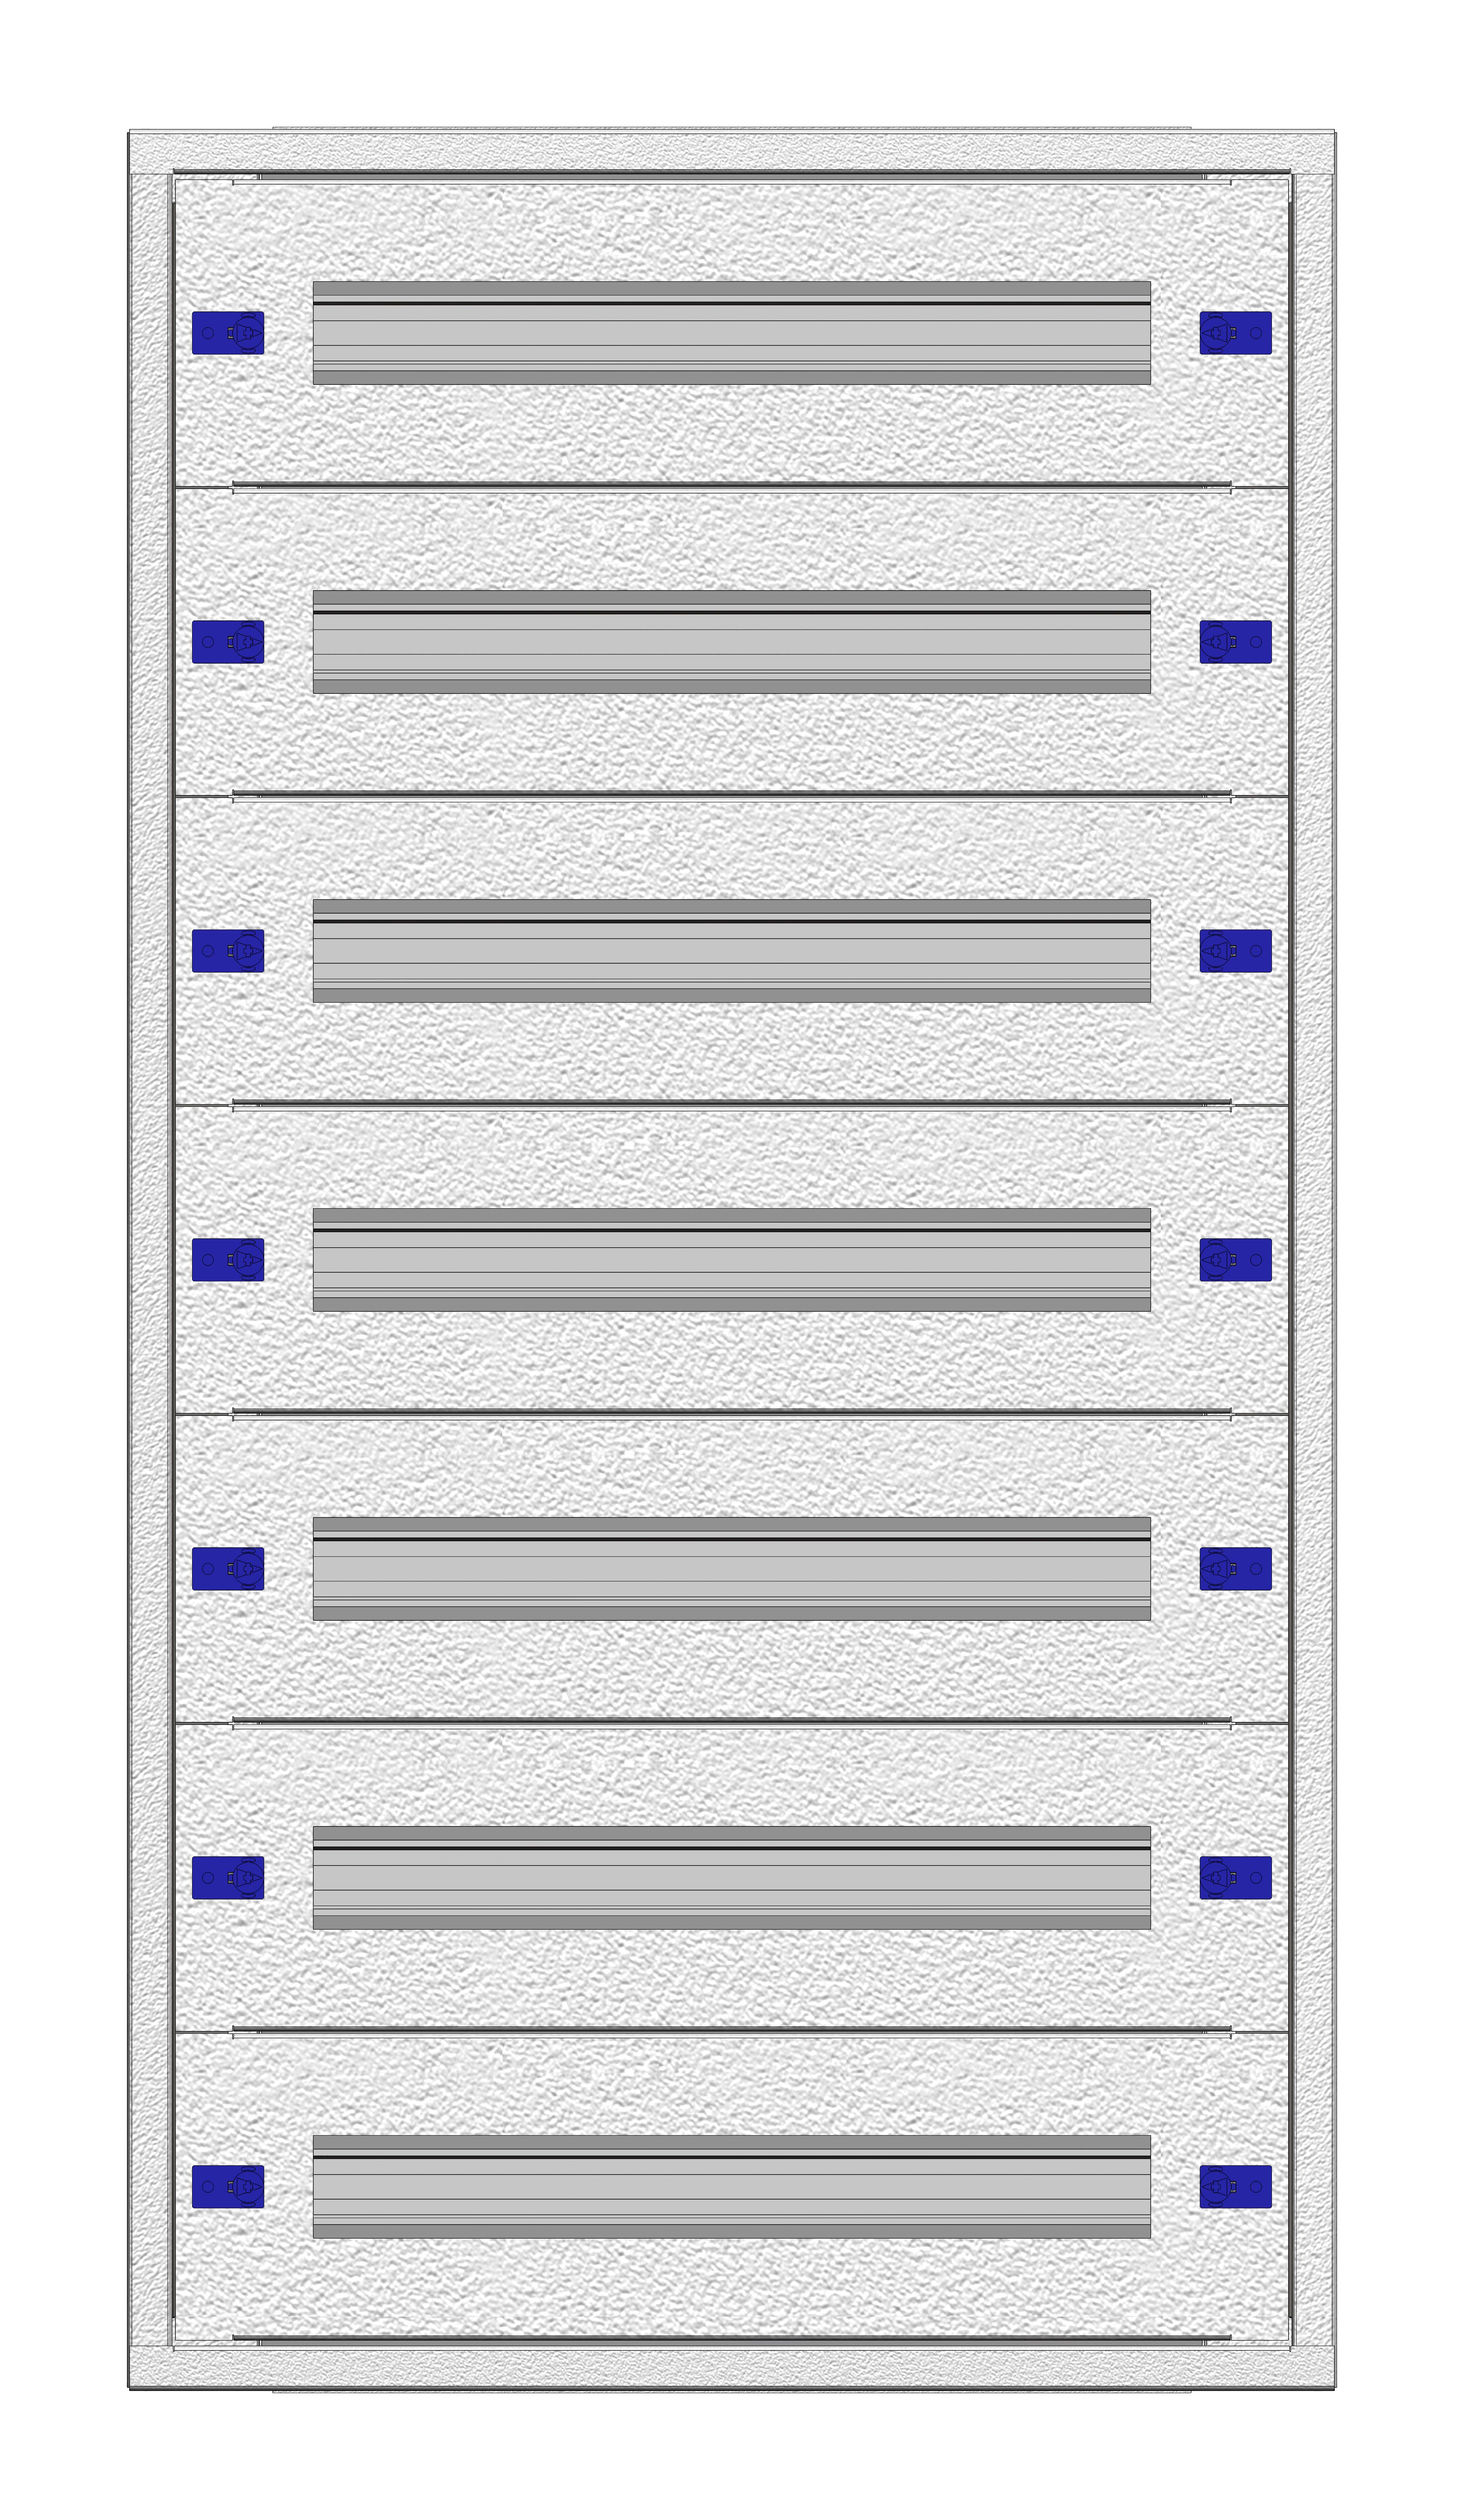 1 Stk Aufputz-Installationsverteiler 2A-21L, H1055B590T250mm IL172221AK